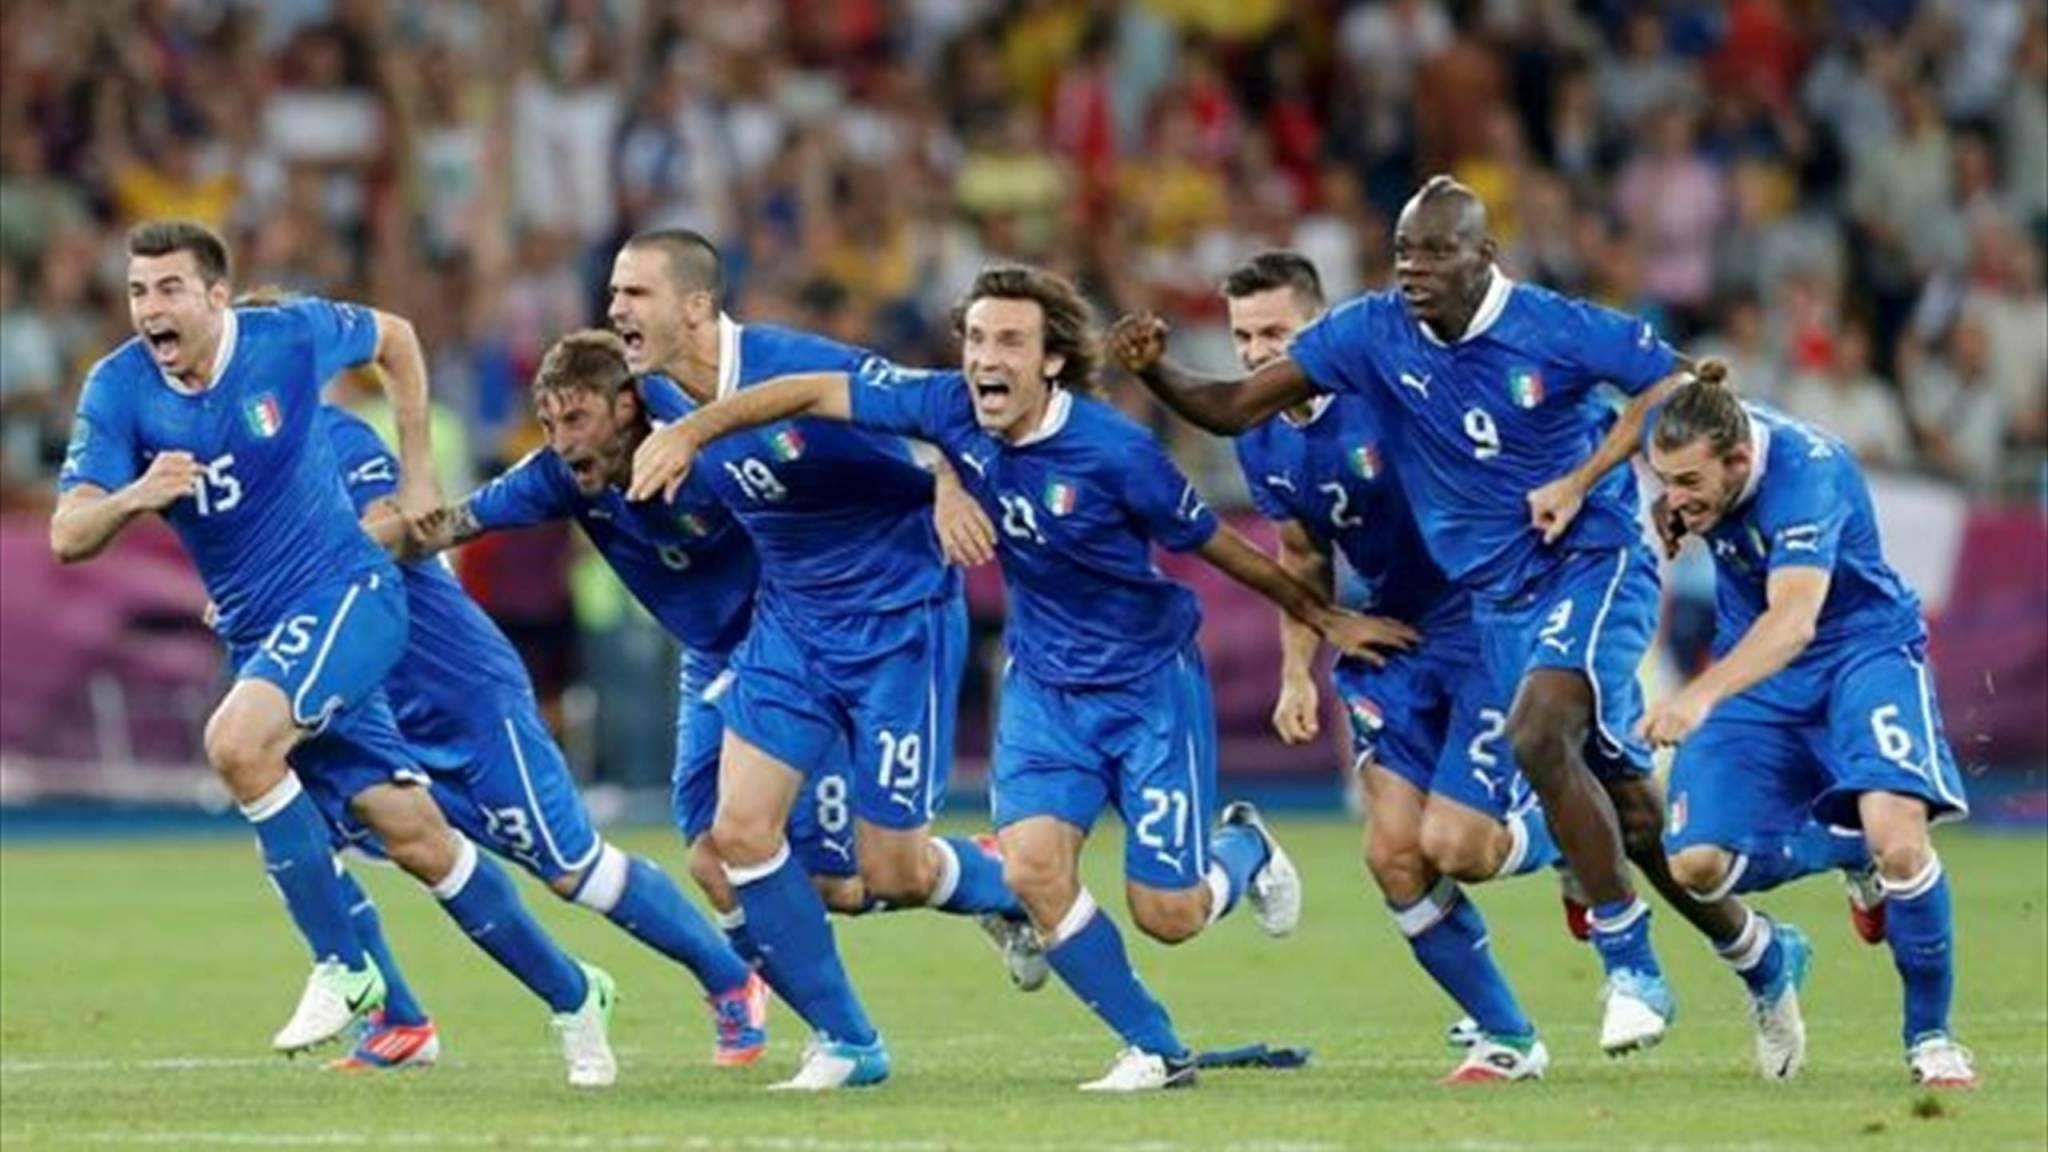 كأس اوروبا 2016: فوز كرواتيا على تركيا 1-صفر